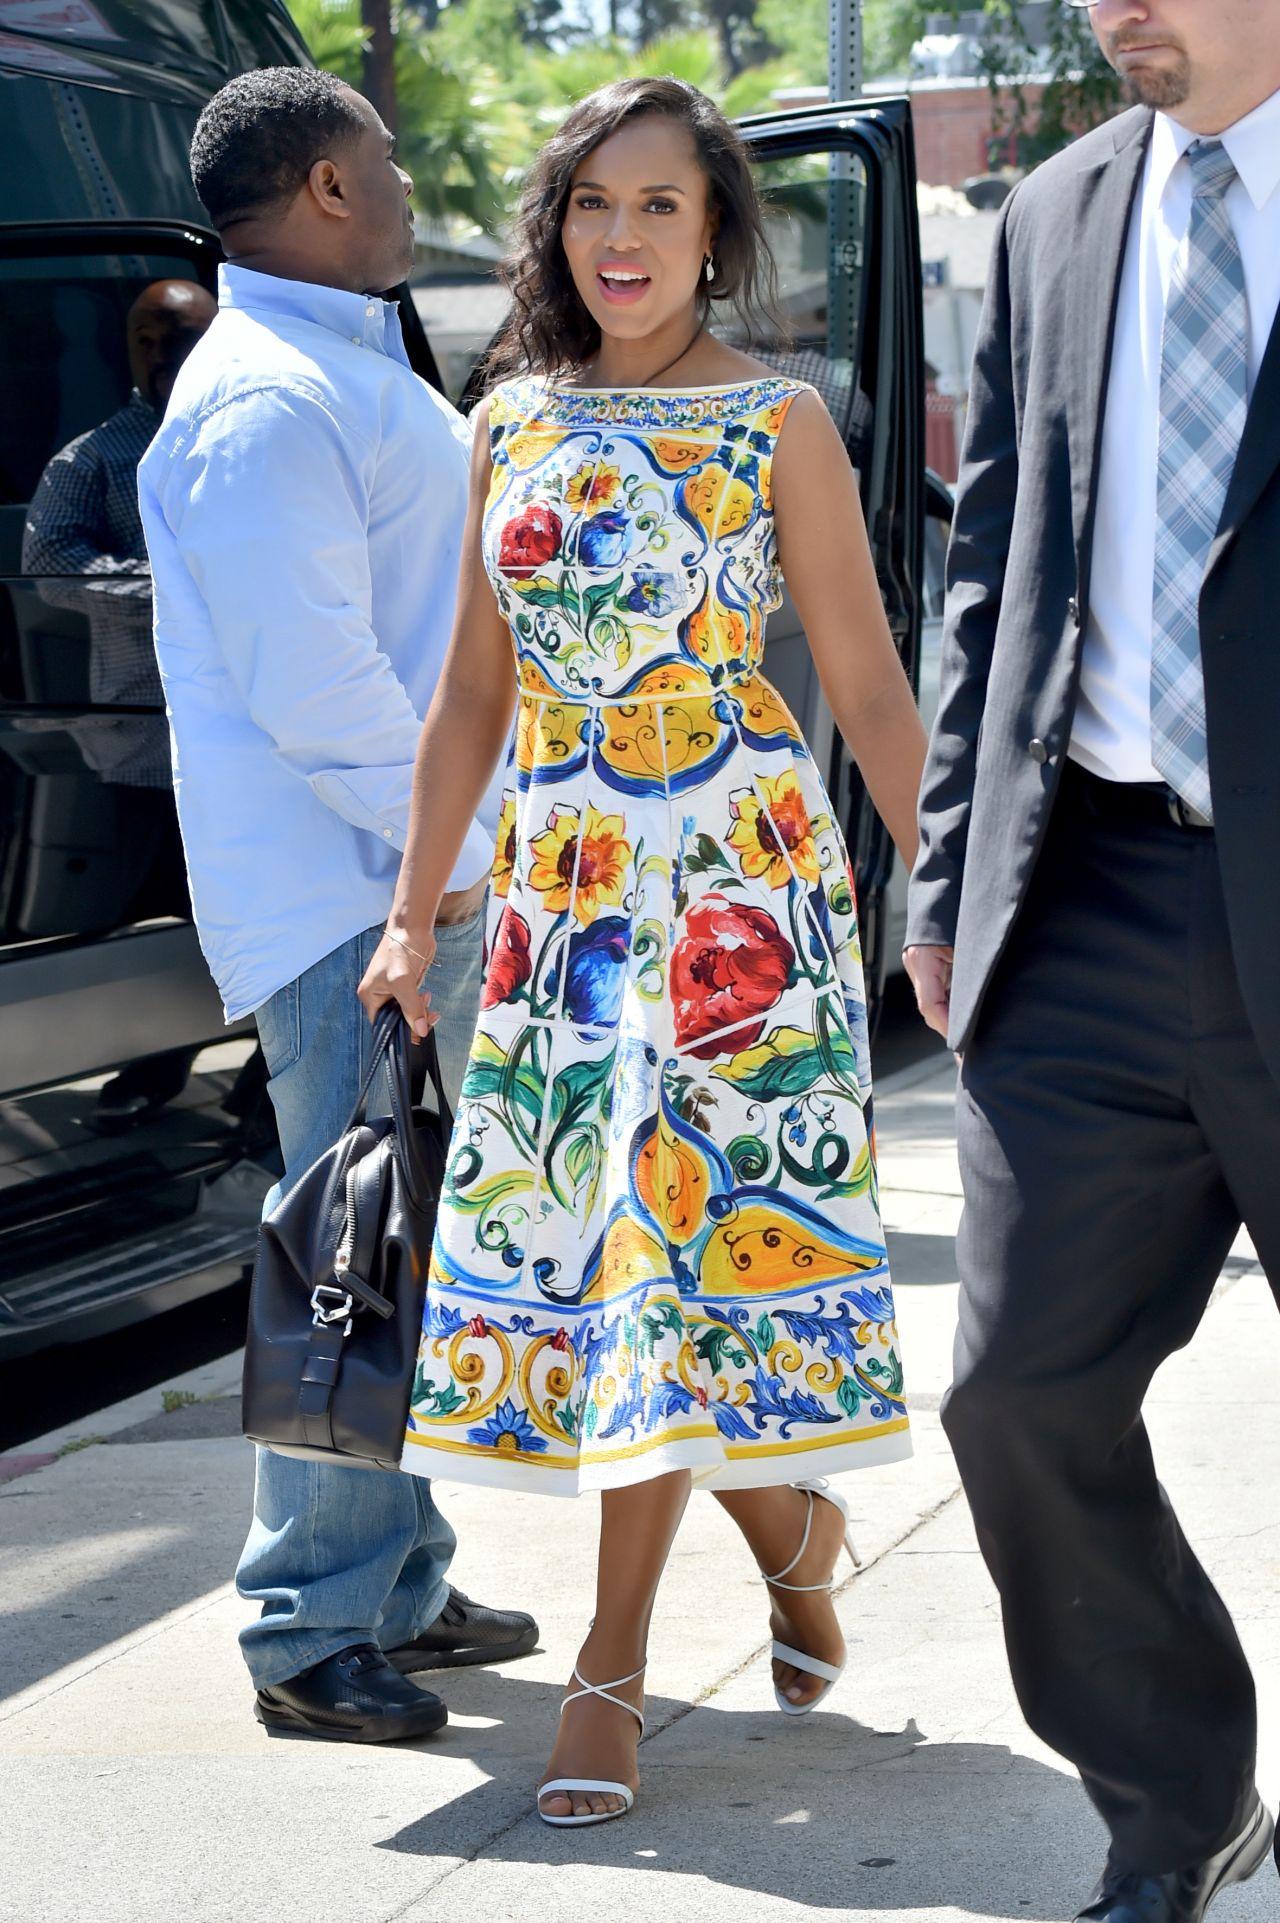 Керри Вашингтон в платье с ярким растительным принтом